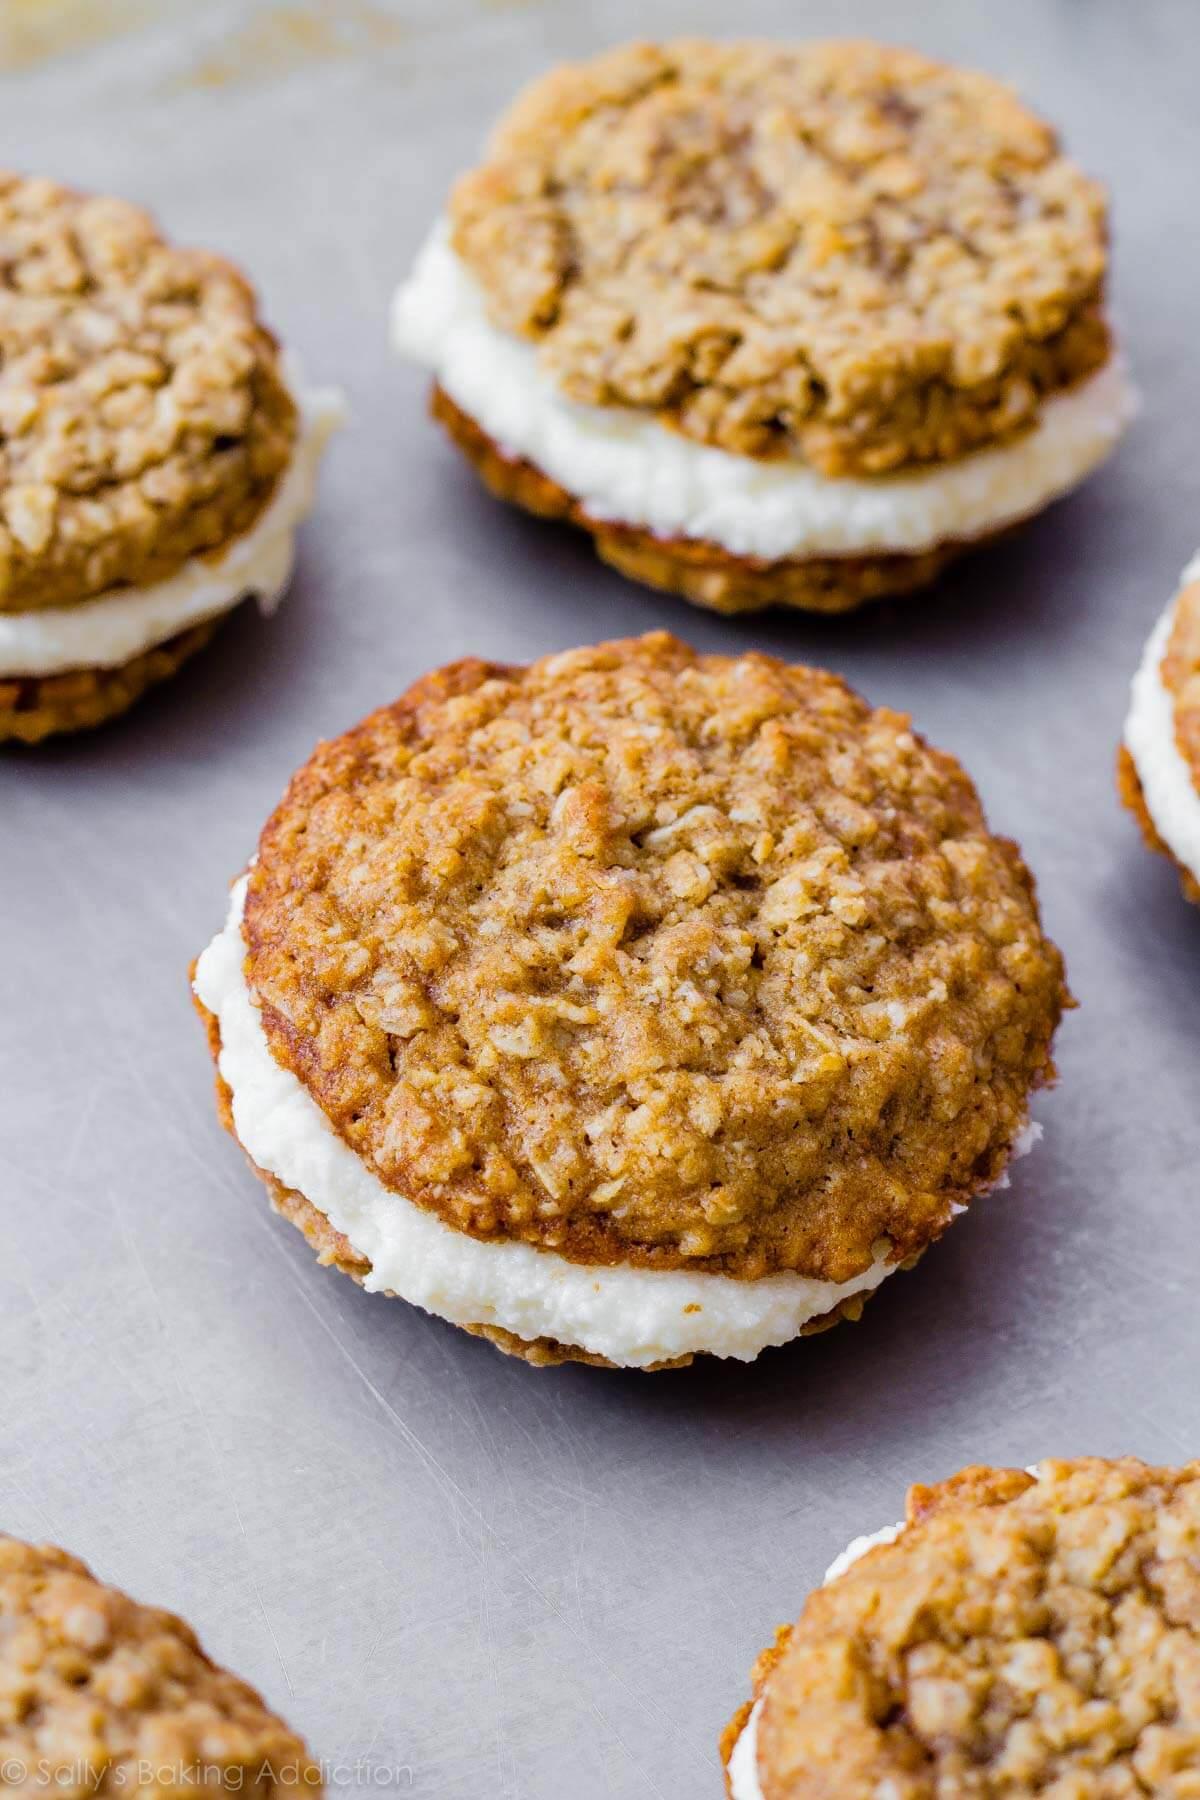 Copycat Little Debbie Oatmeal Cream Pies par sallysbakingaddiction.com. Ils ont même meilleur goût que les originaux! Recette sur sallysbakingaddiction.com